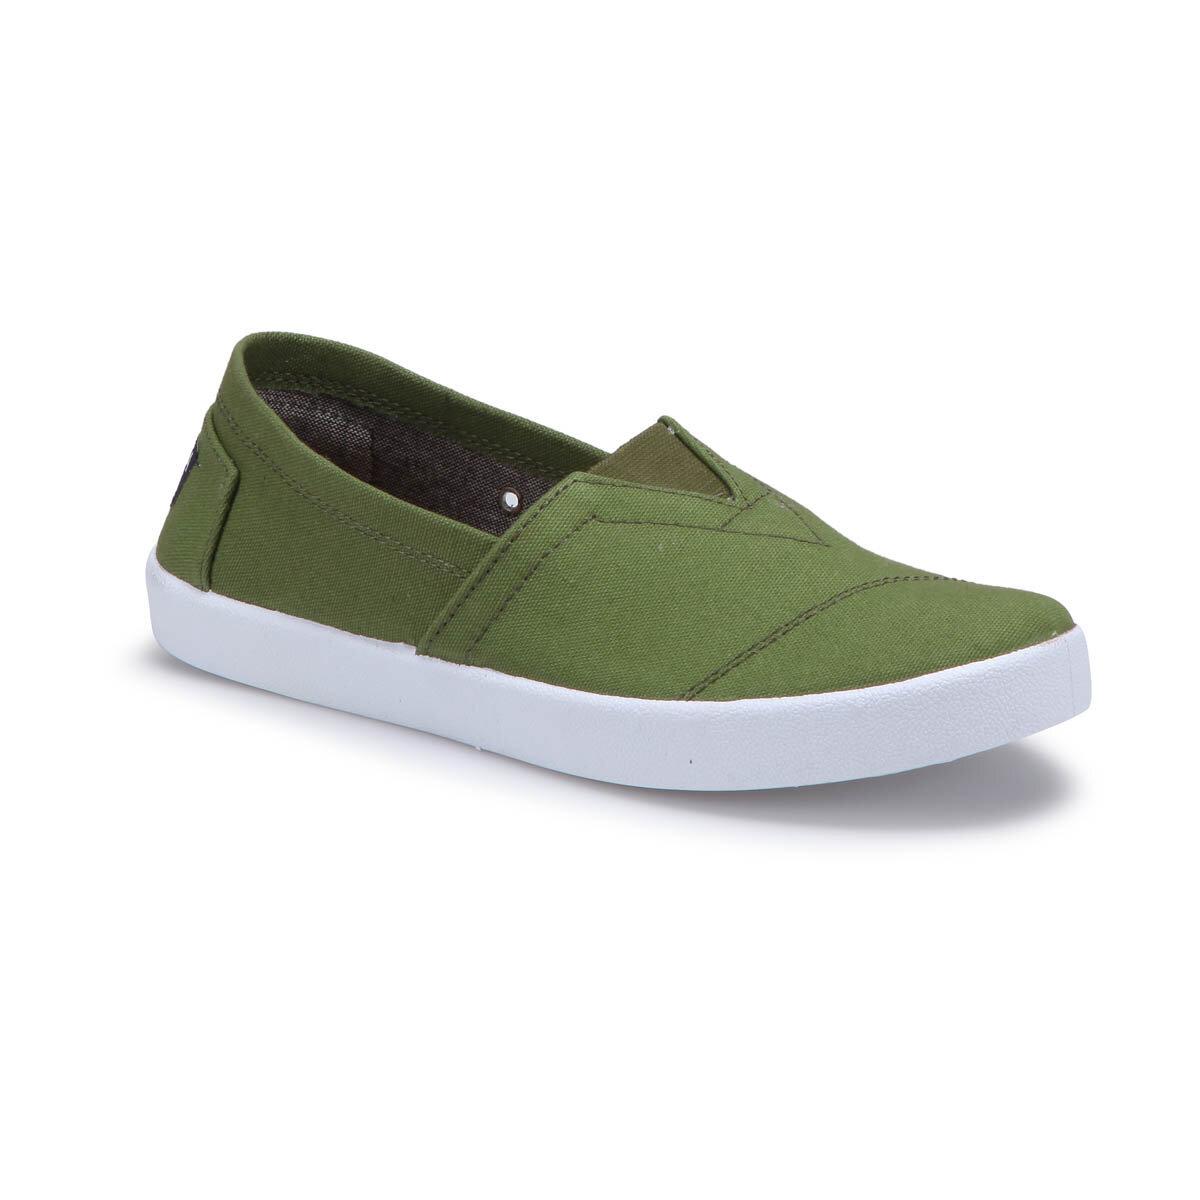 Yeşil Erkek Slip On Ayakkabı AL-10 M 1604